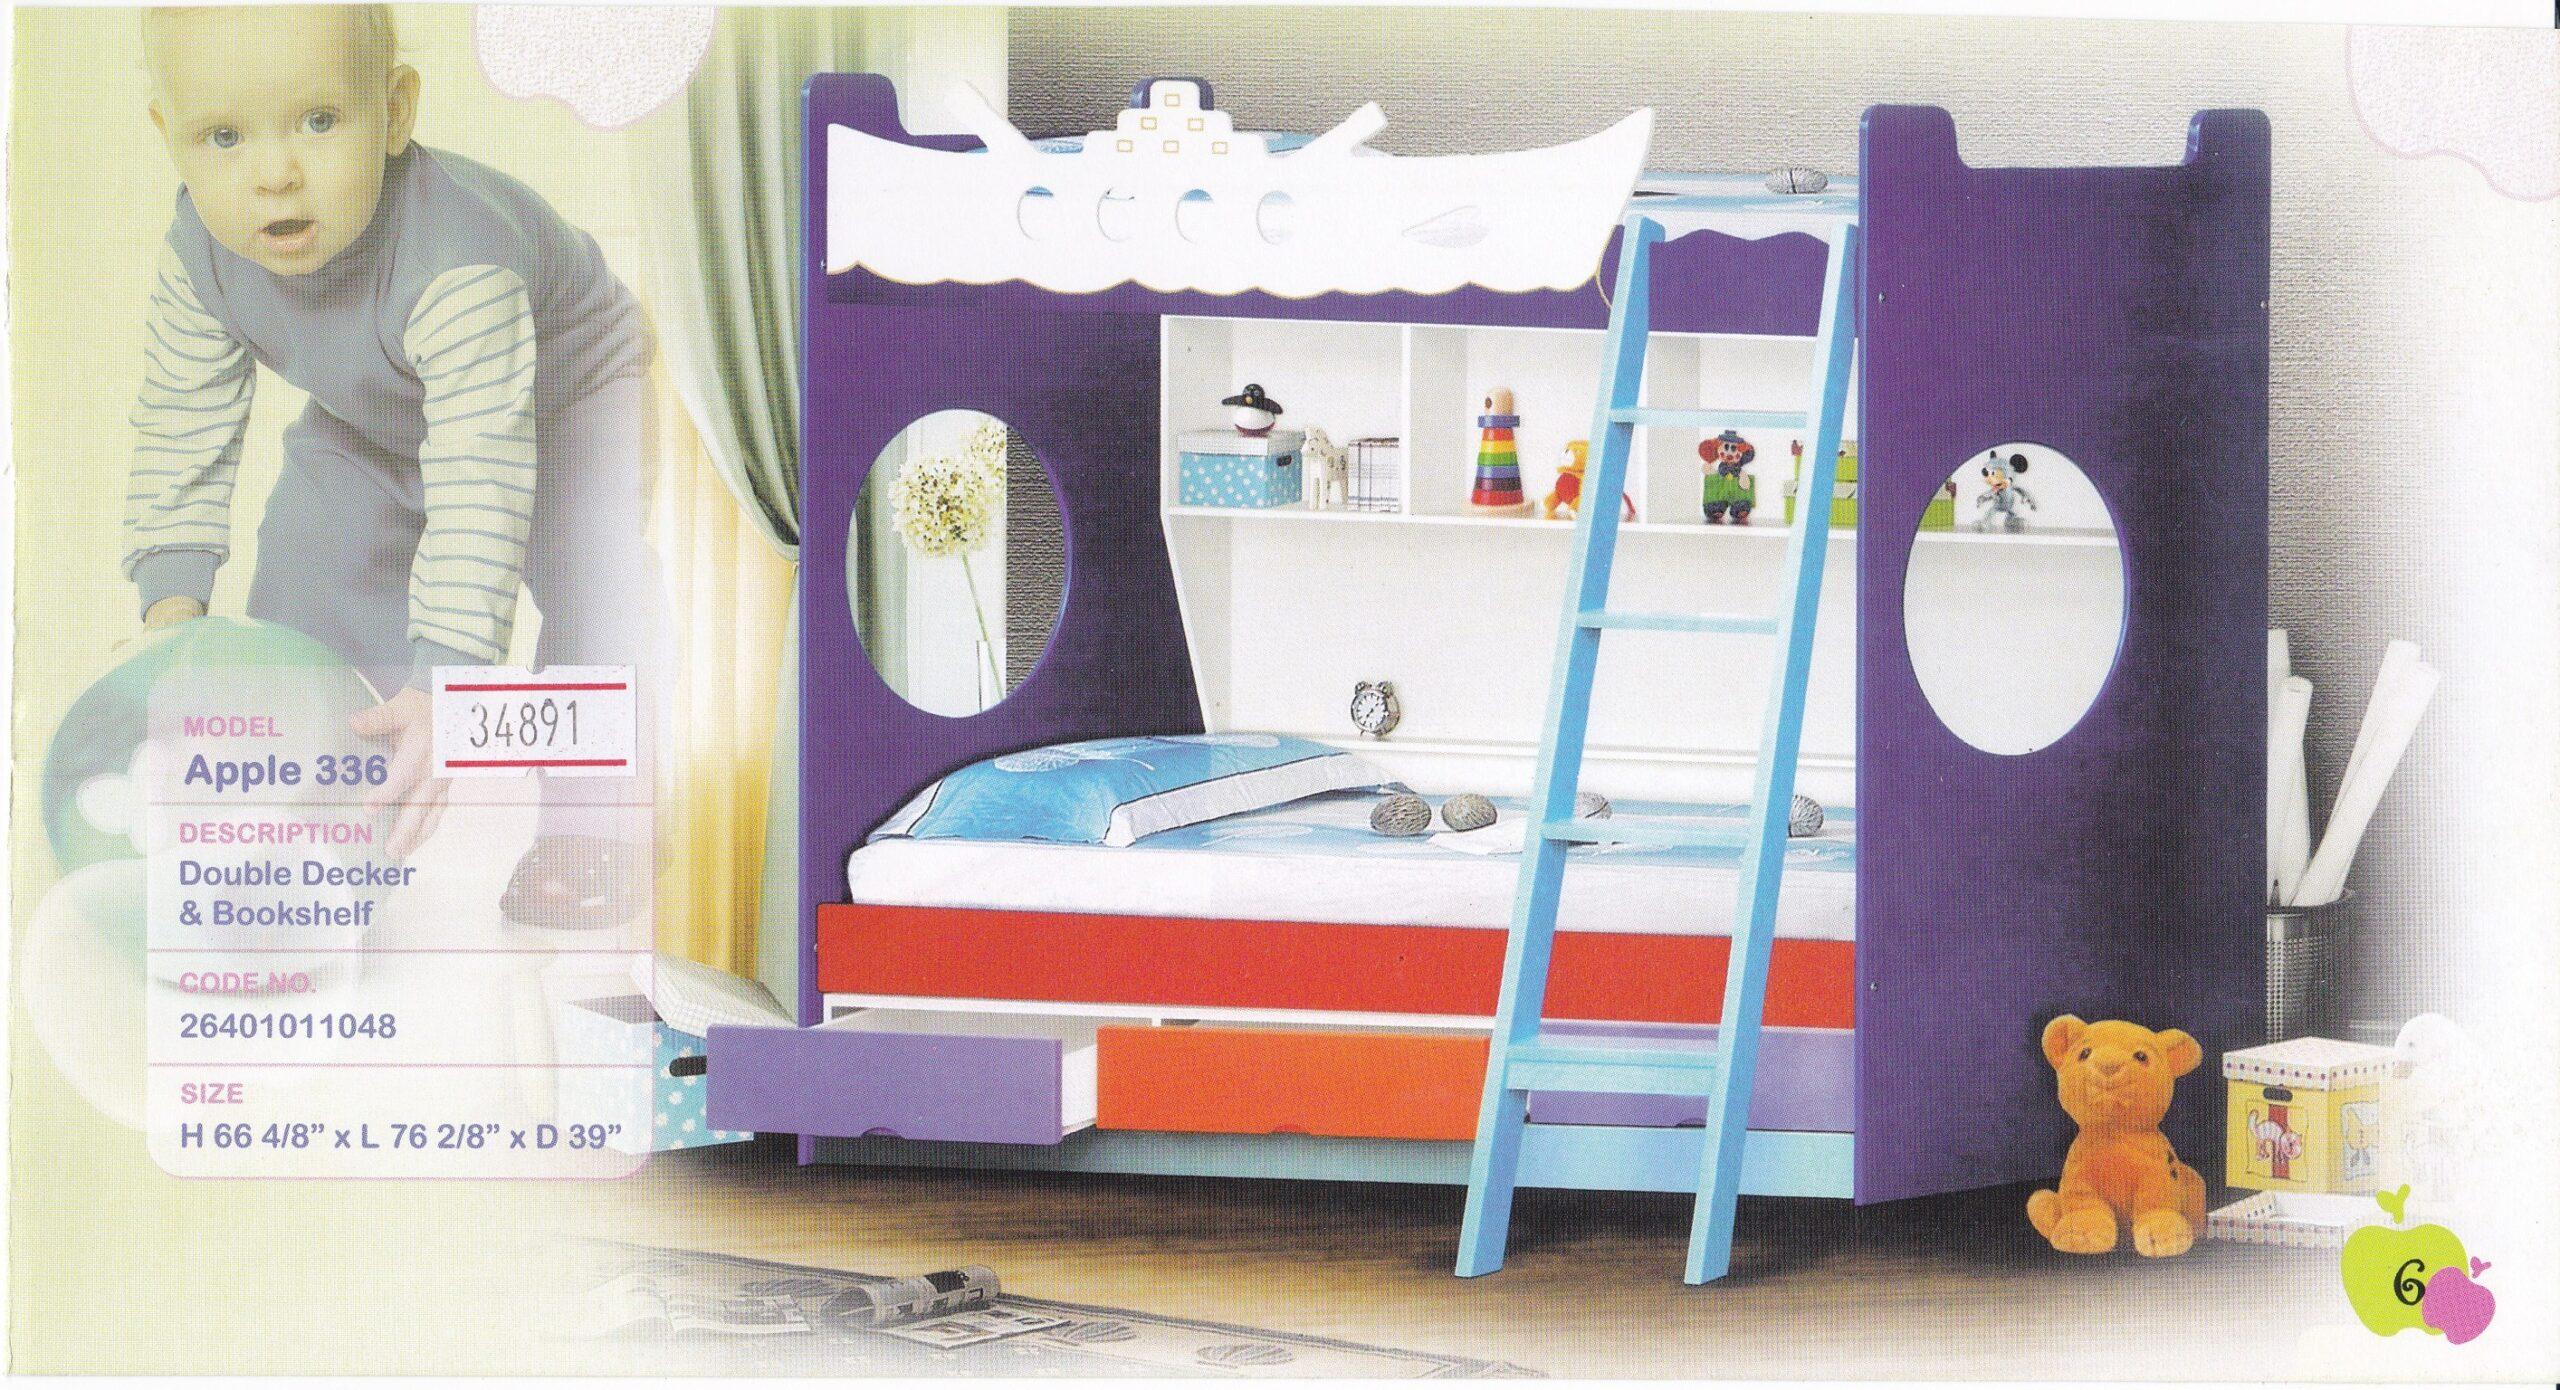 336 Double Decker Bed